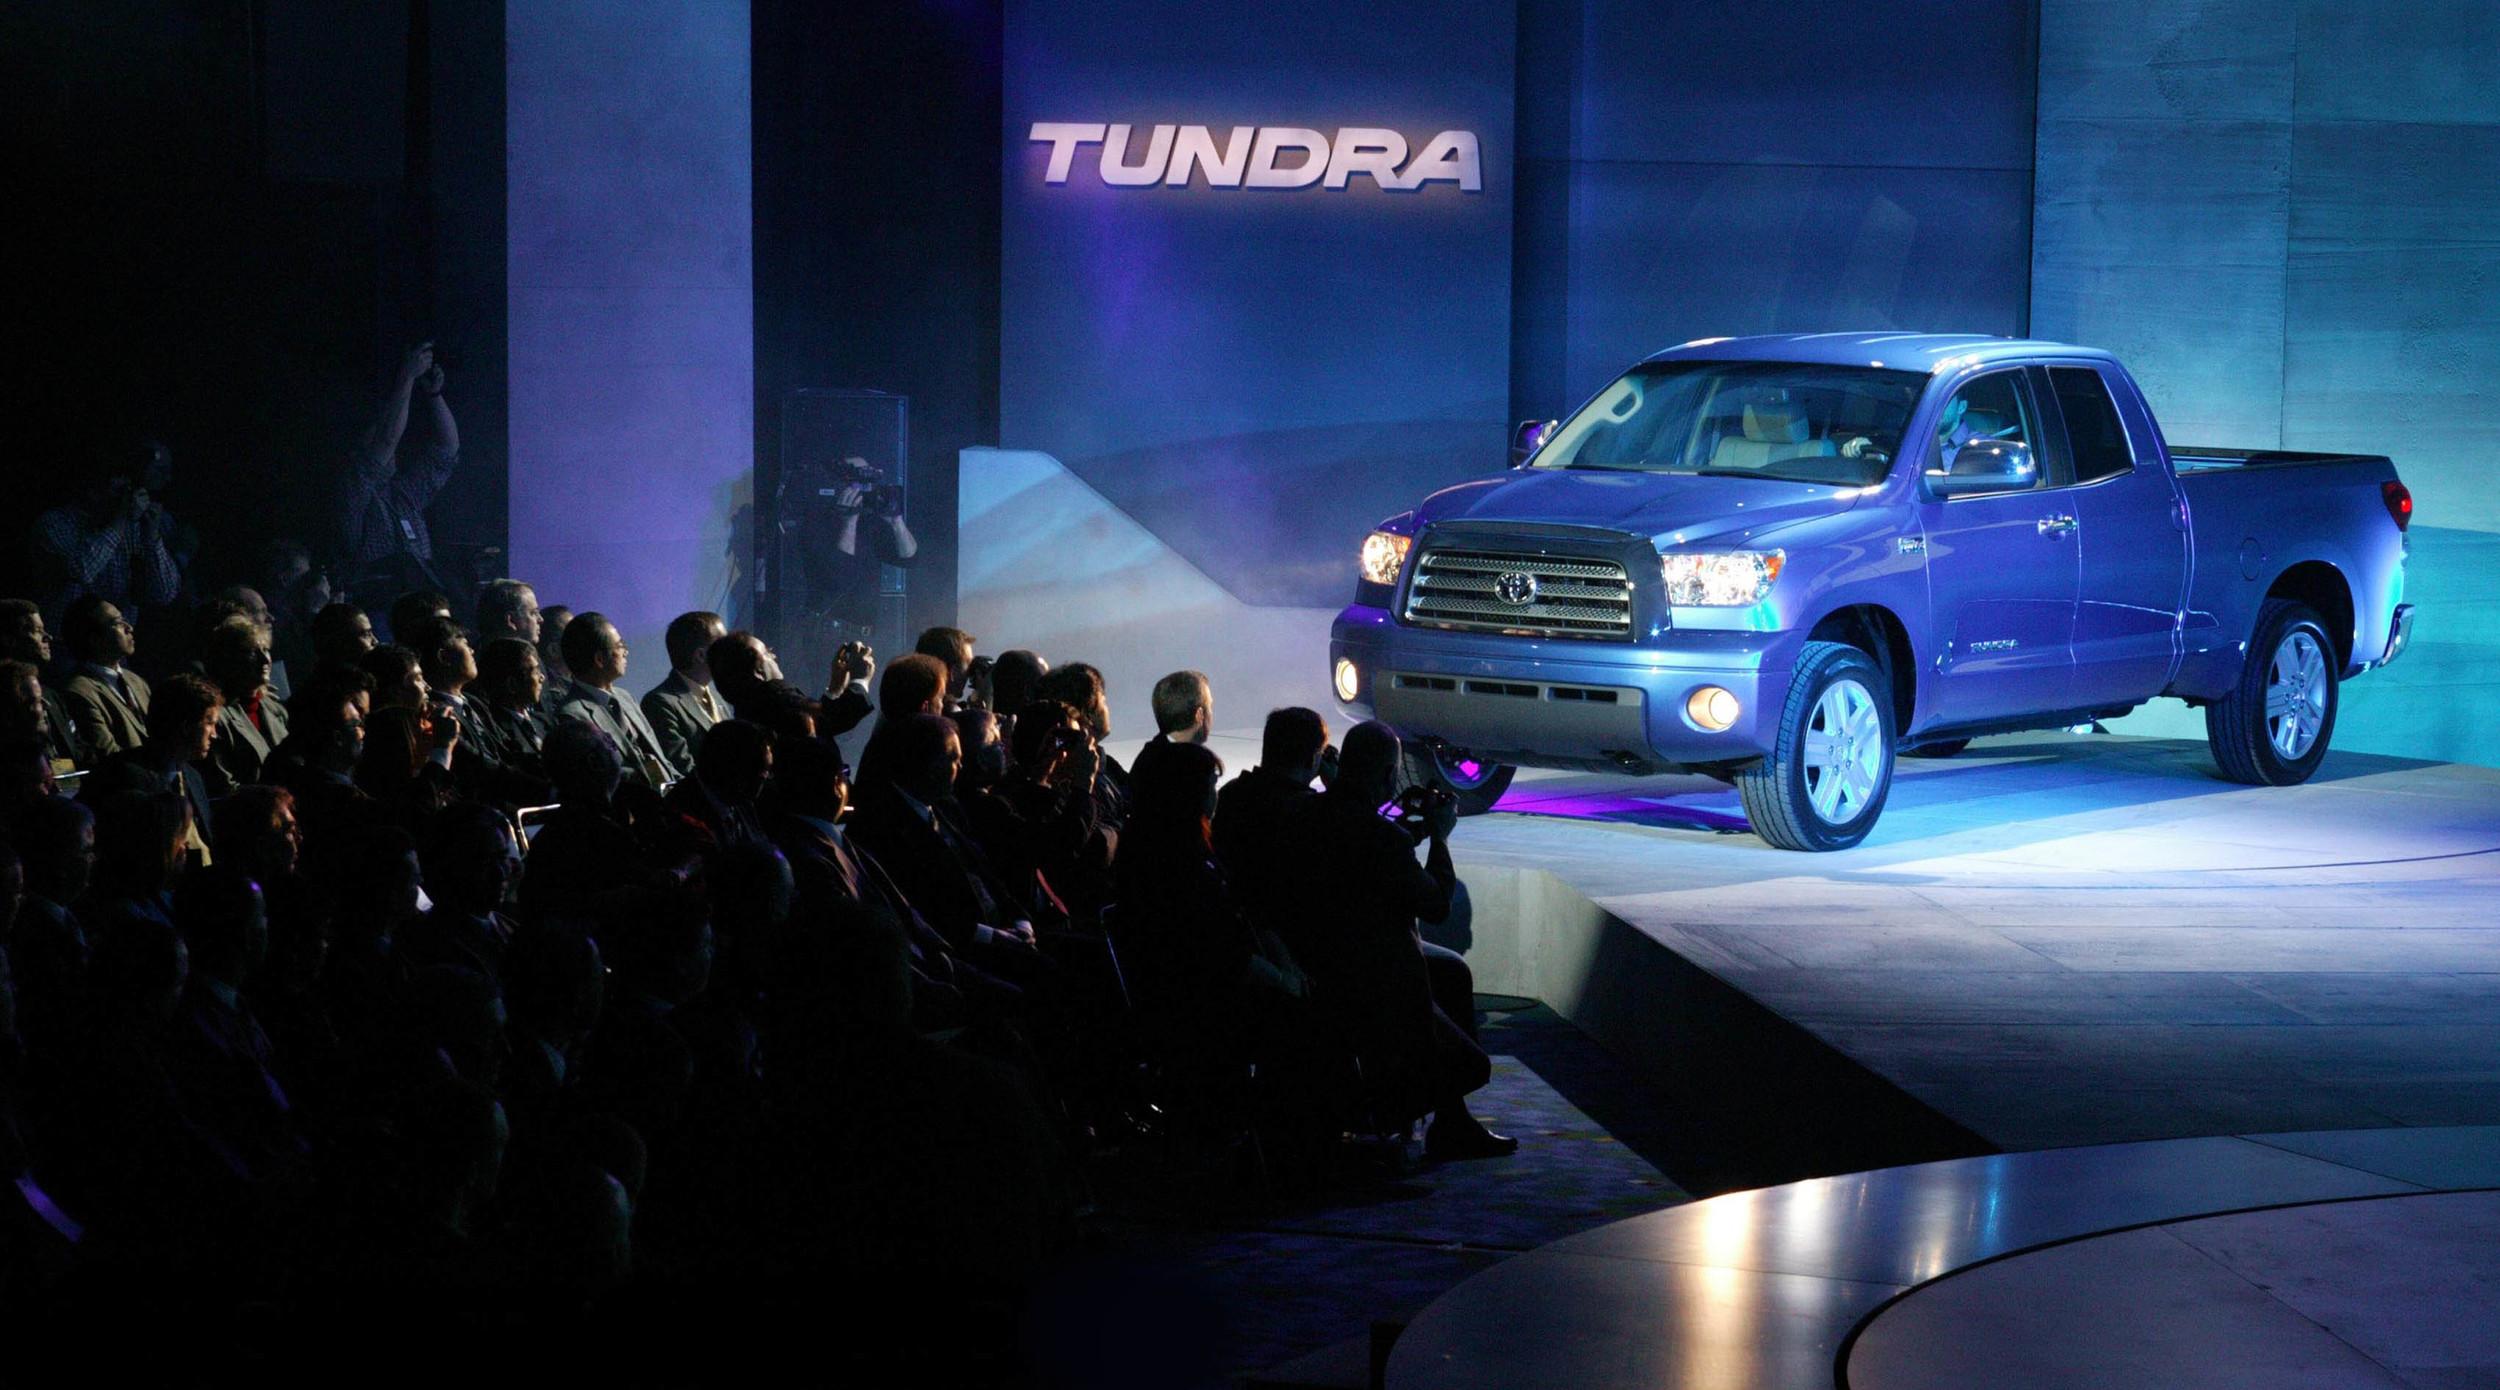 TundraProduction6.jpg